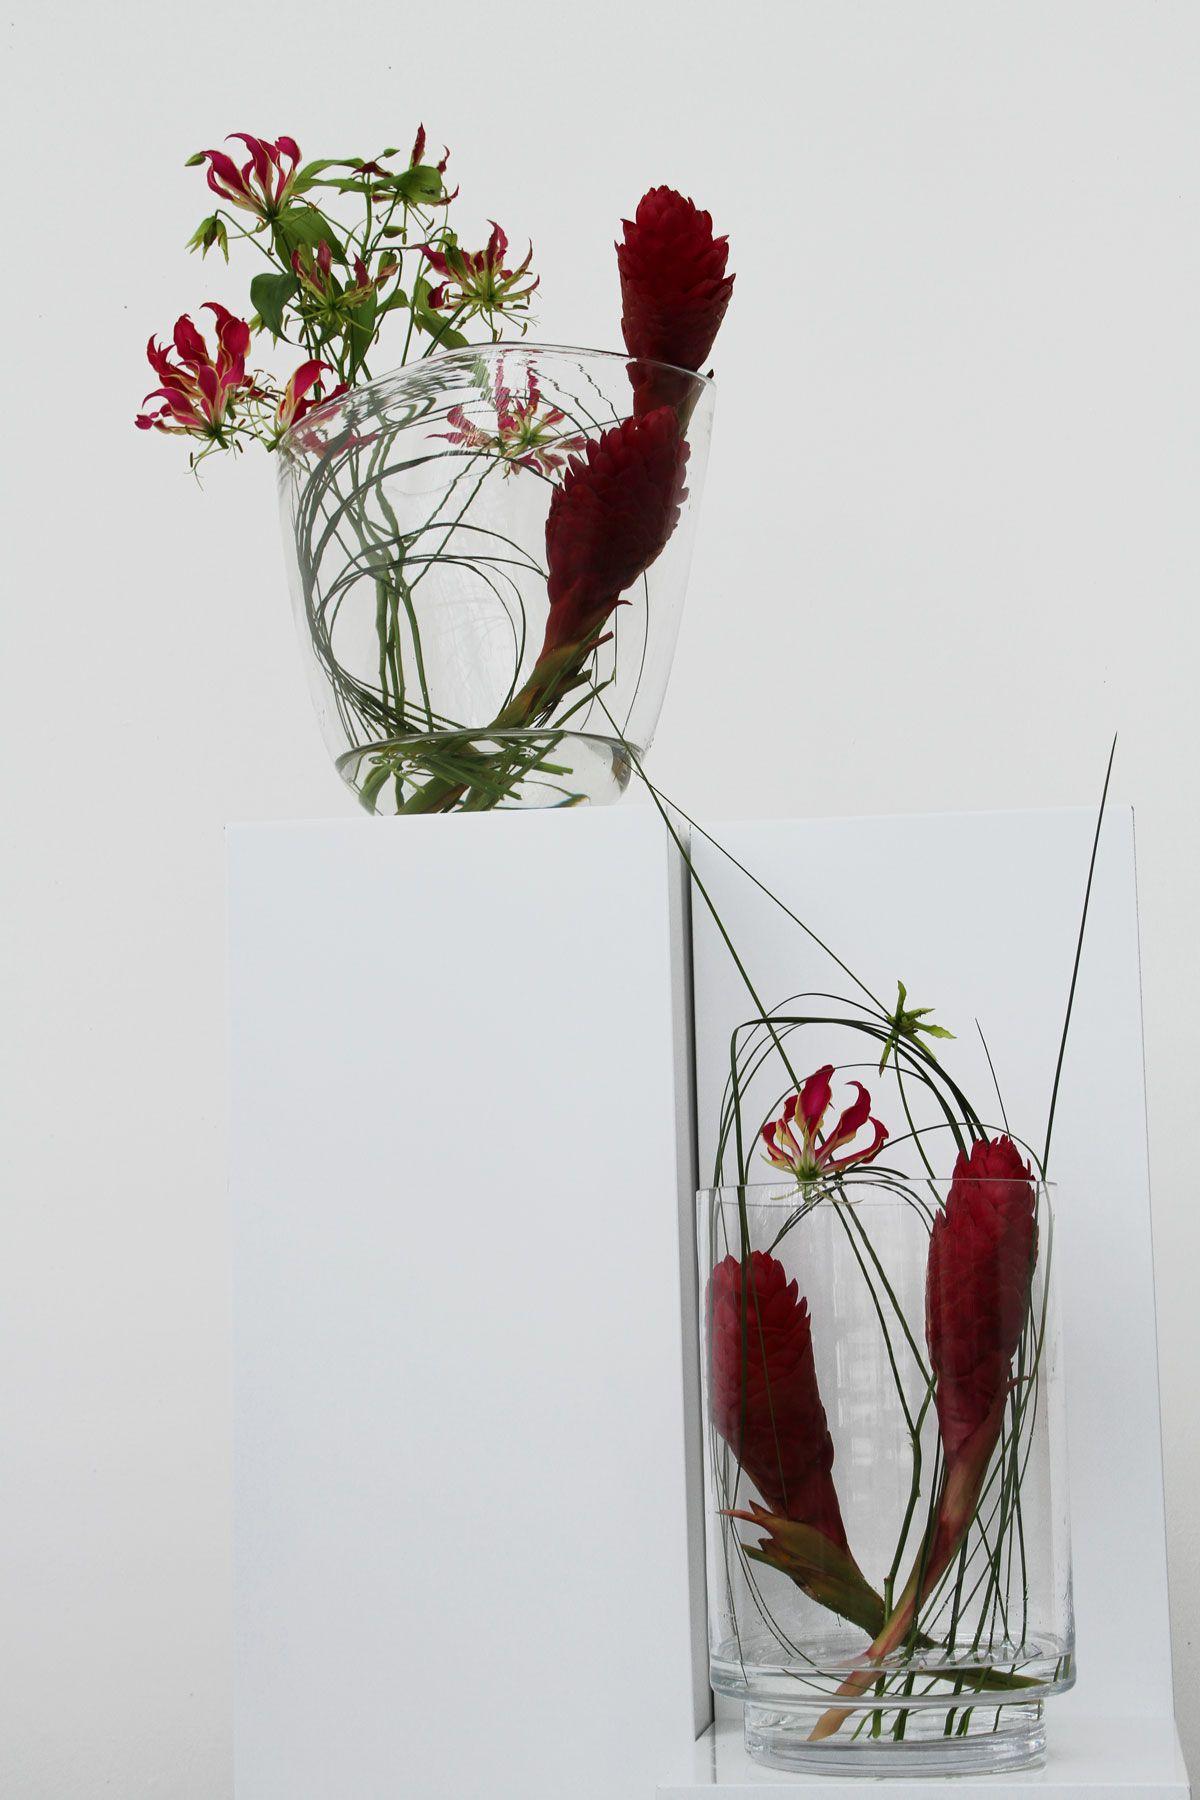 puristische Blumendekoration für Tische und Counter Gloriosa und